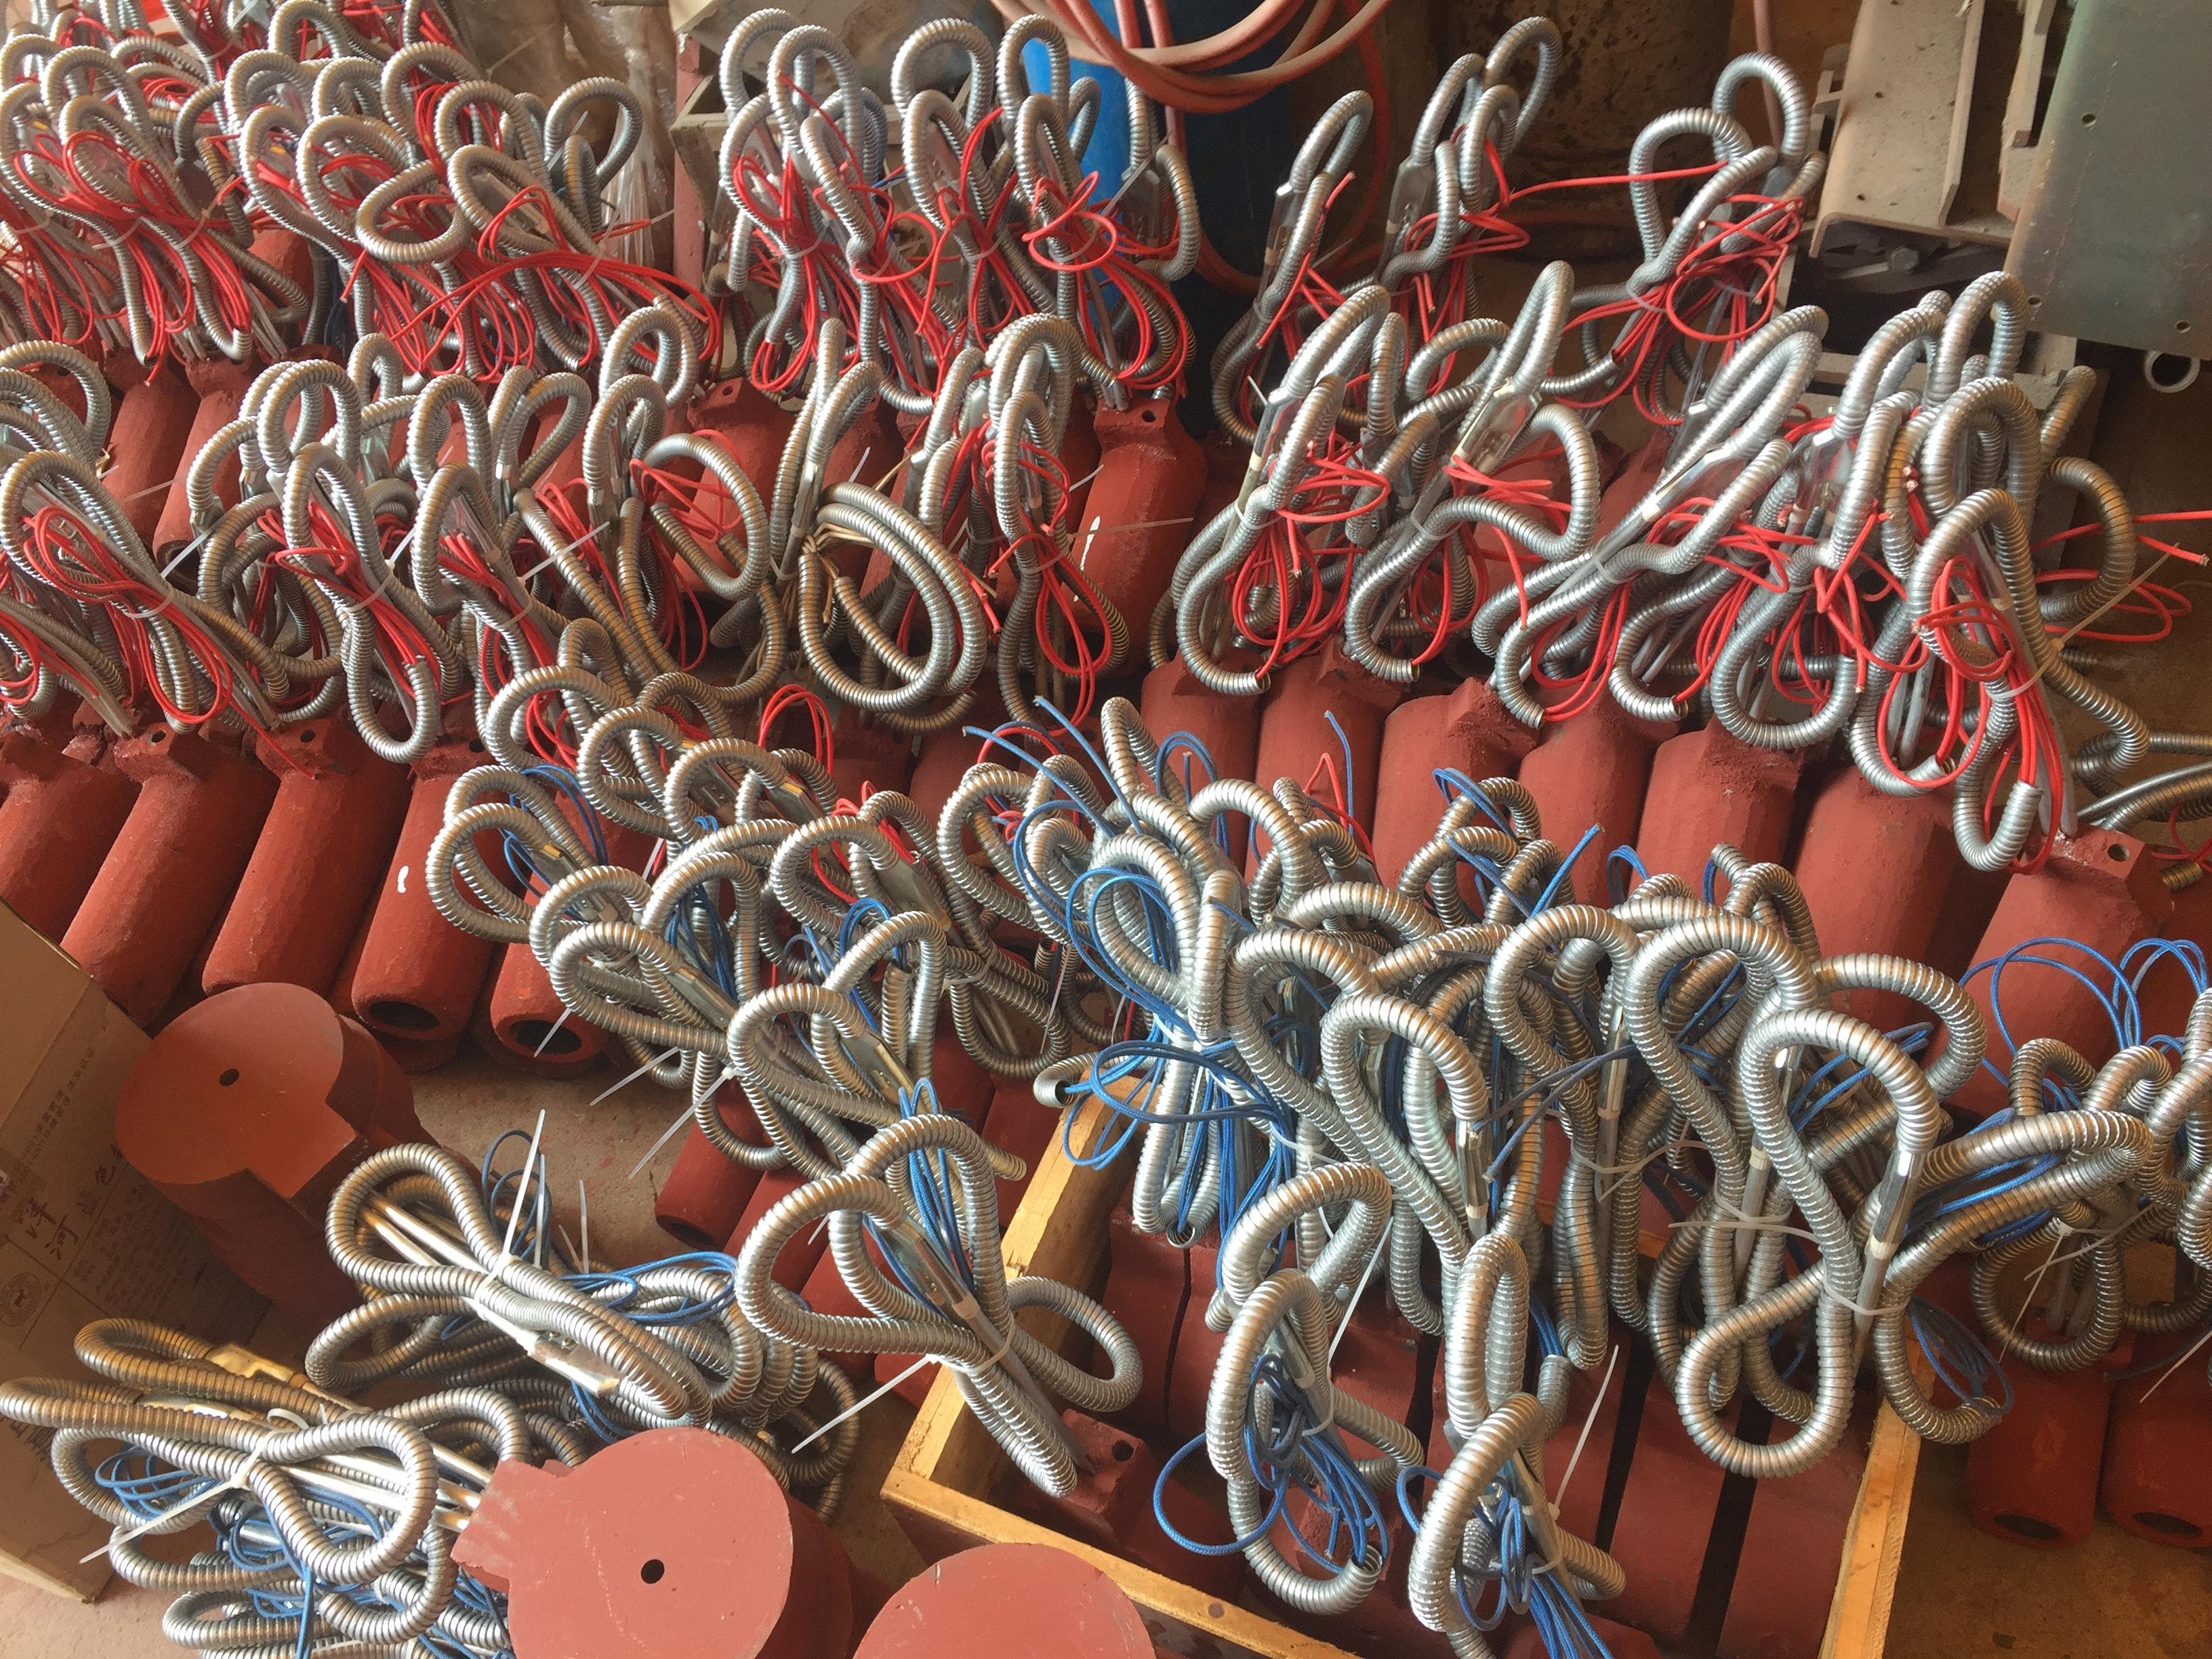 Zhenli Hot Chamber Die Casting Machine Gooseneck Heater